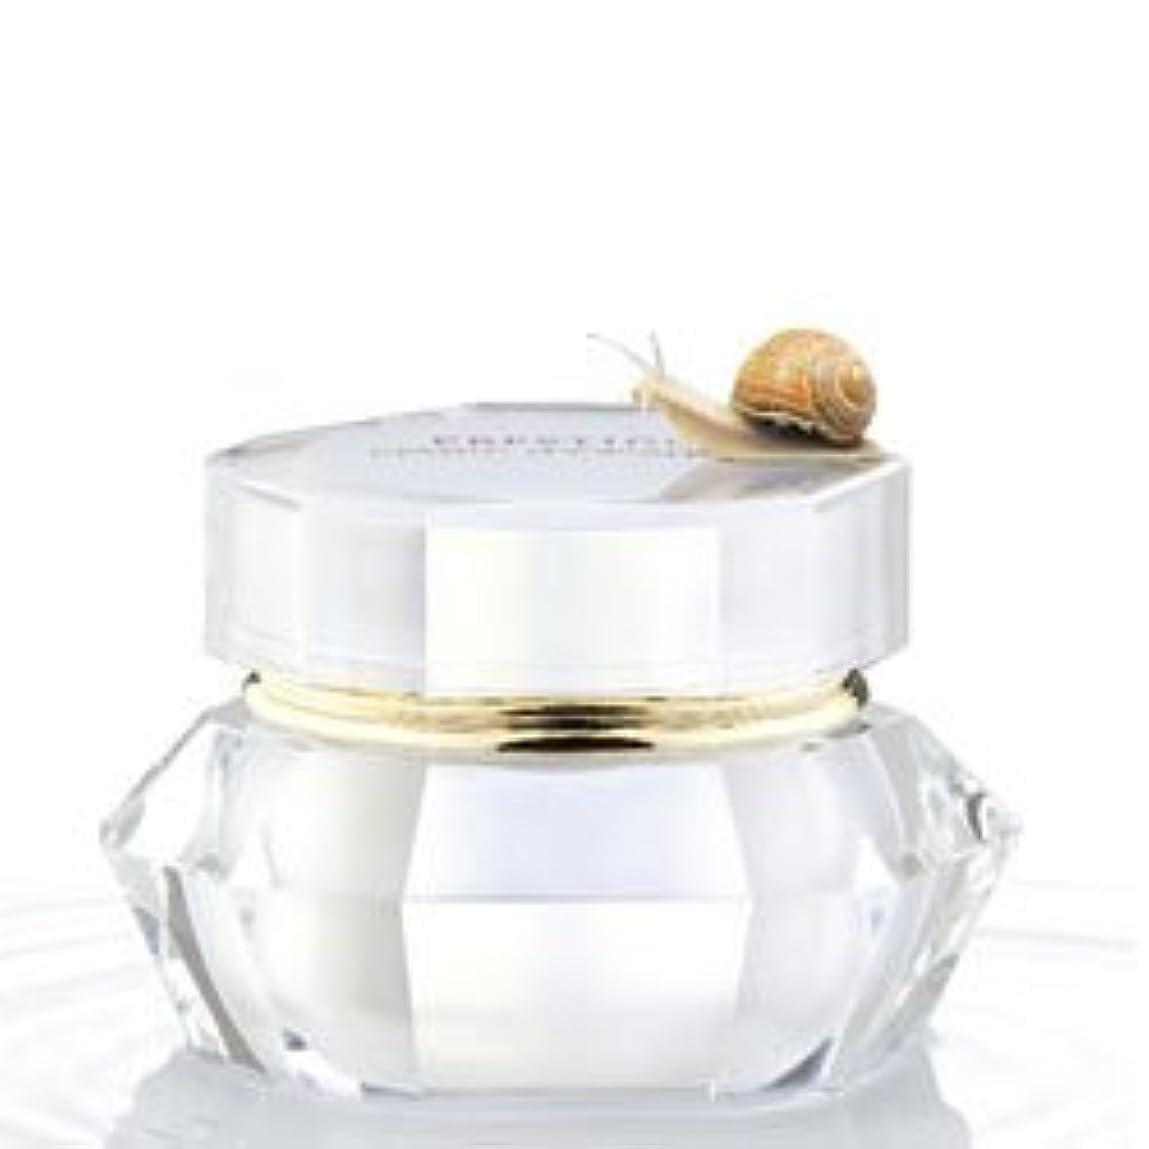 提供するリベラル漫画イッツスキン プレステージ エスカルゴ カタツムリ クリーム(60ml×1点)It's Skin Prestige Snail Escargot Cream